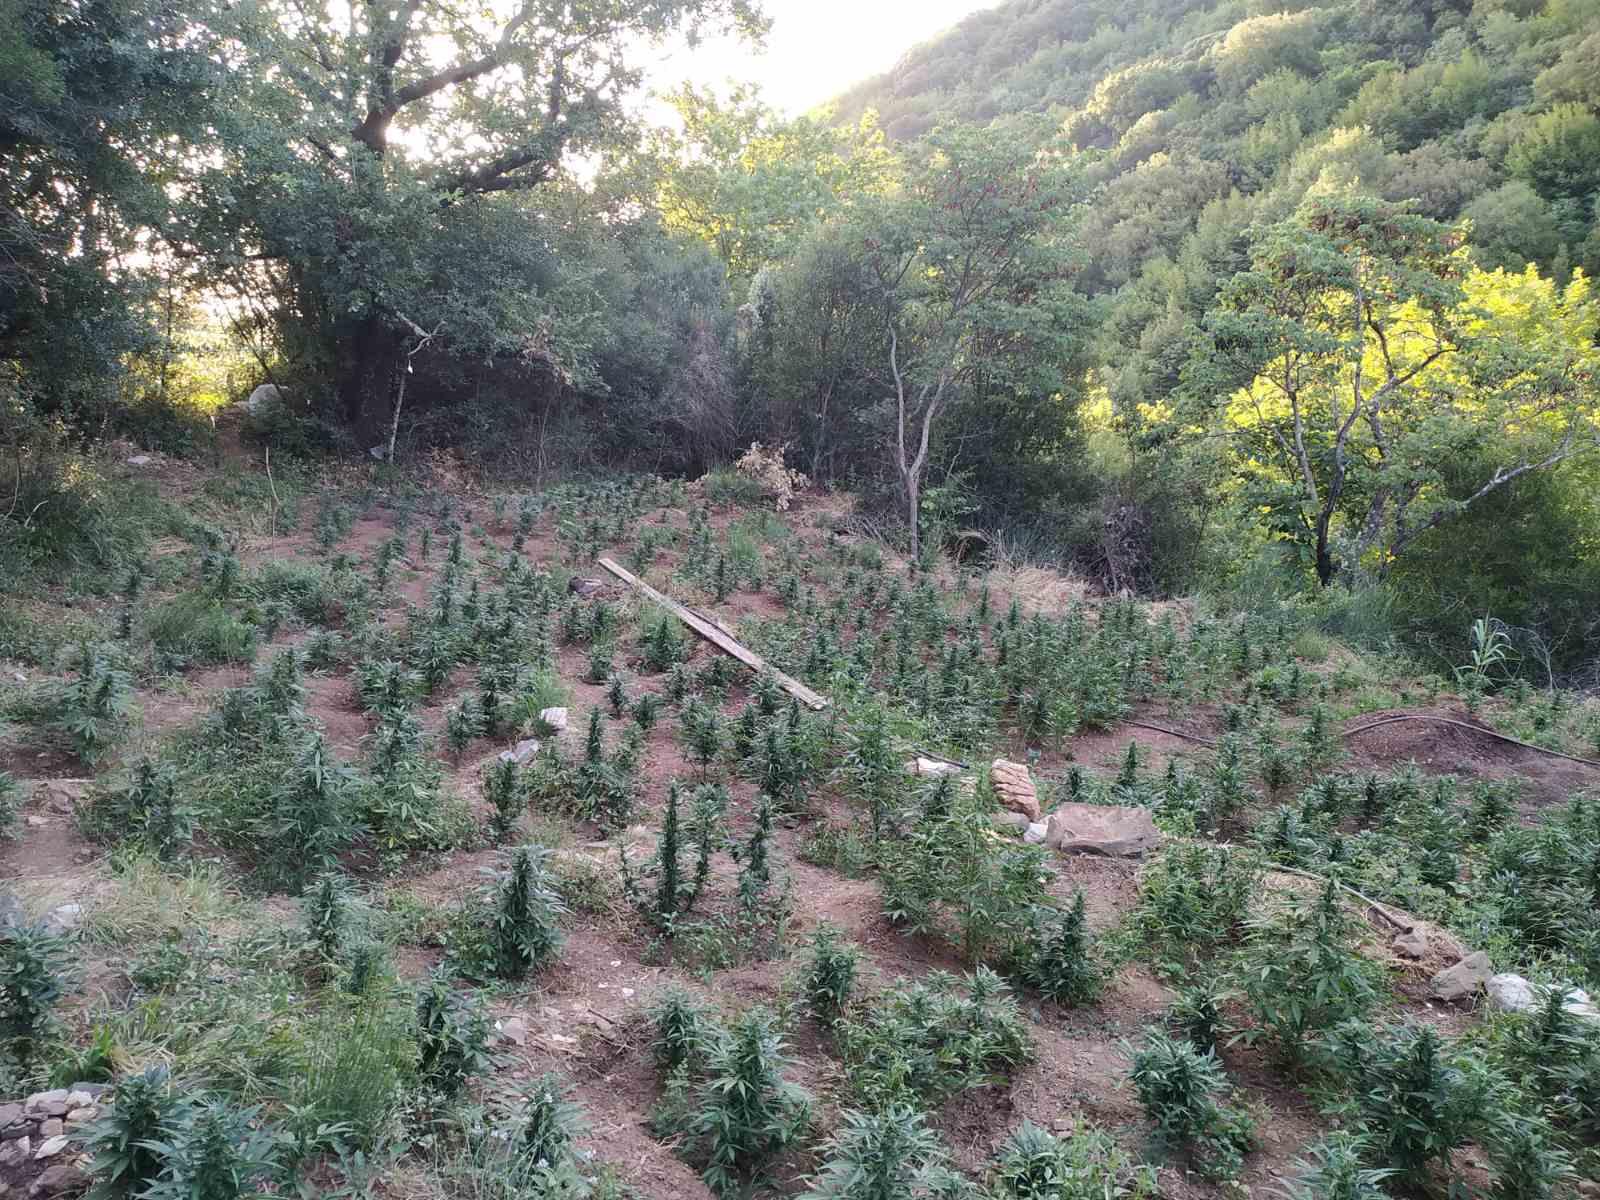 28-6-2021 Εντοπίστηκε μεγάλη οργανωμένη φυτεία κάνναβης, με (4.325) δενδρύλλια και φυτά σε δύσβατη δασική περιοχή της Ανδρίτσαινας (10) (1)